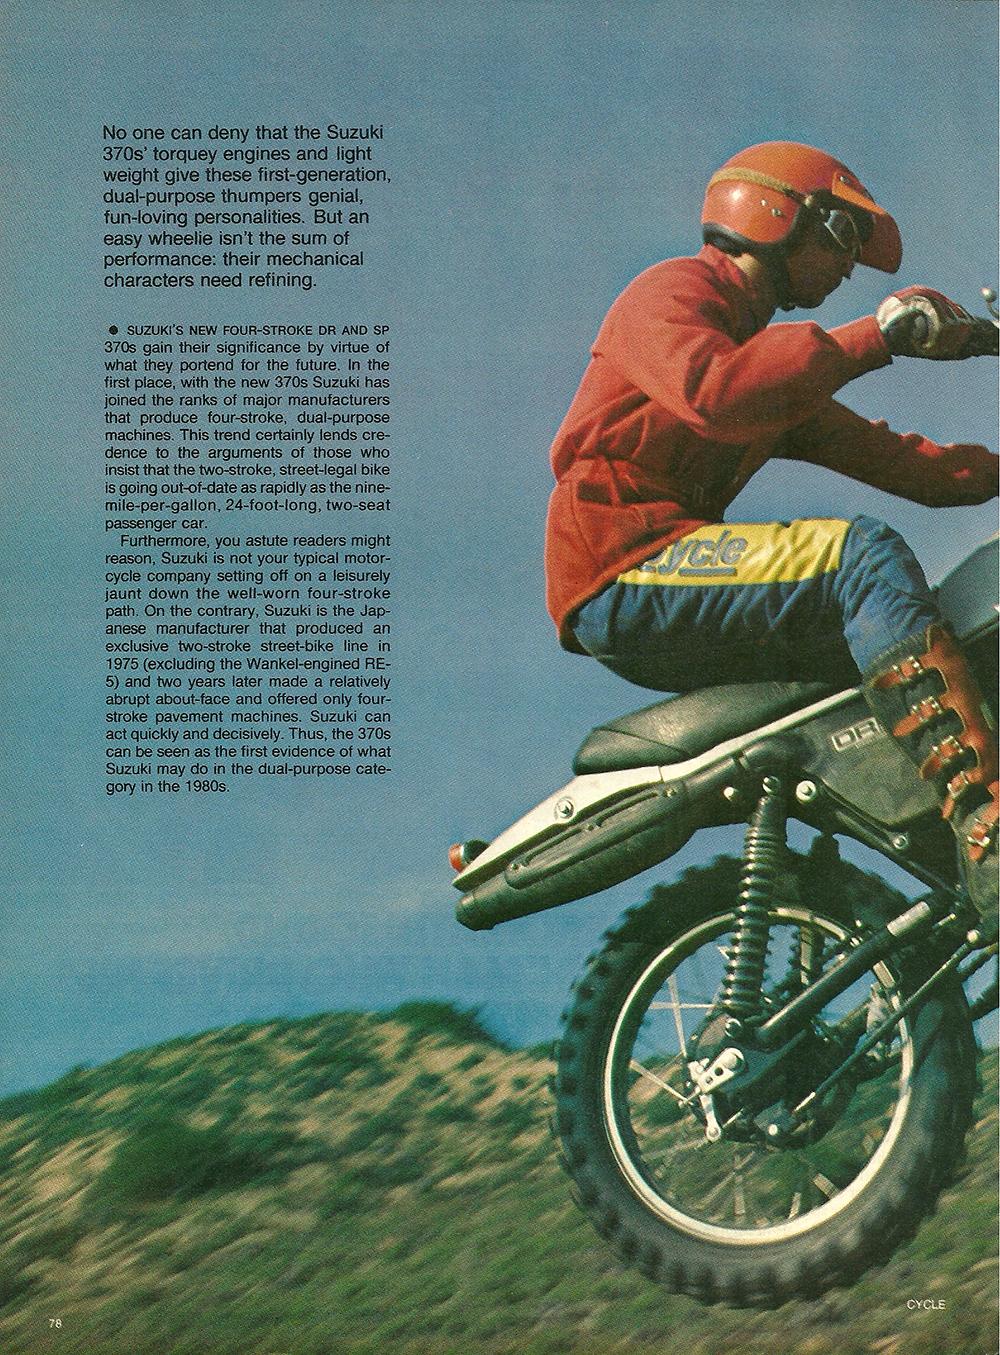 1978 Suzuki DR SP 370 road test 01.jpg